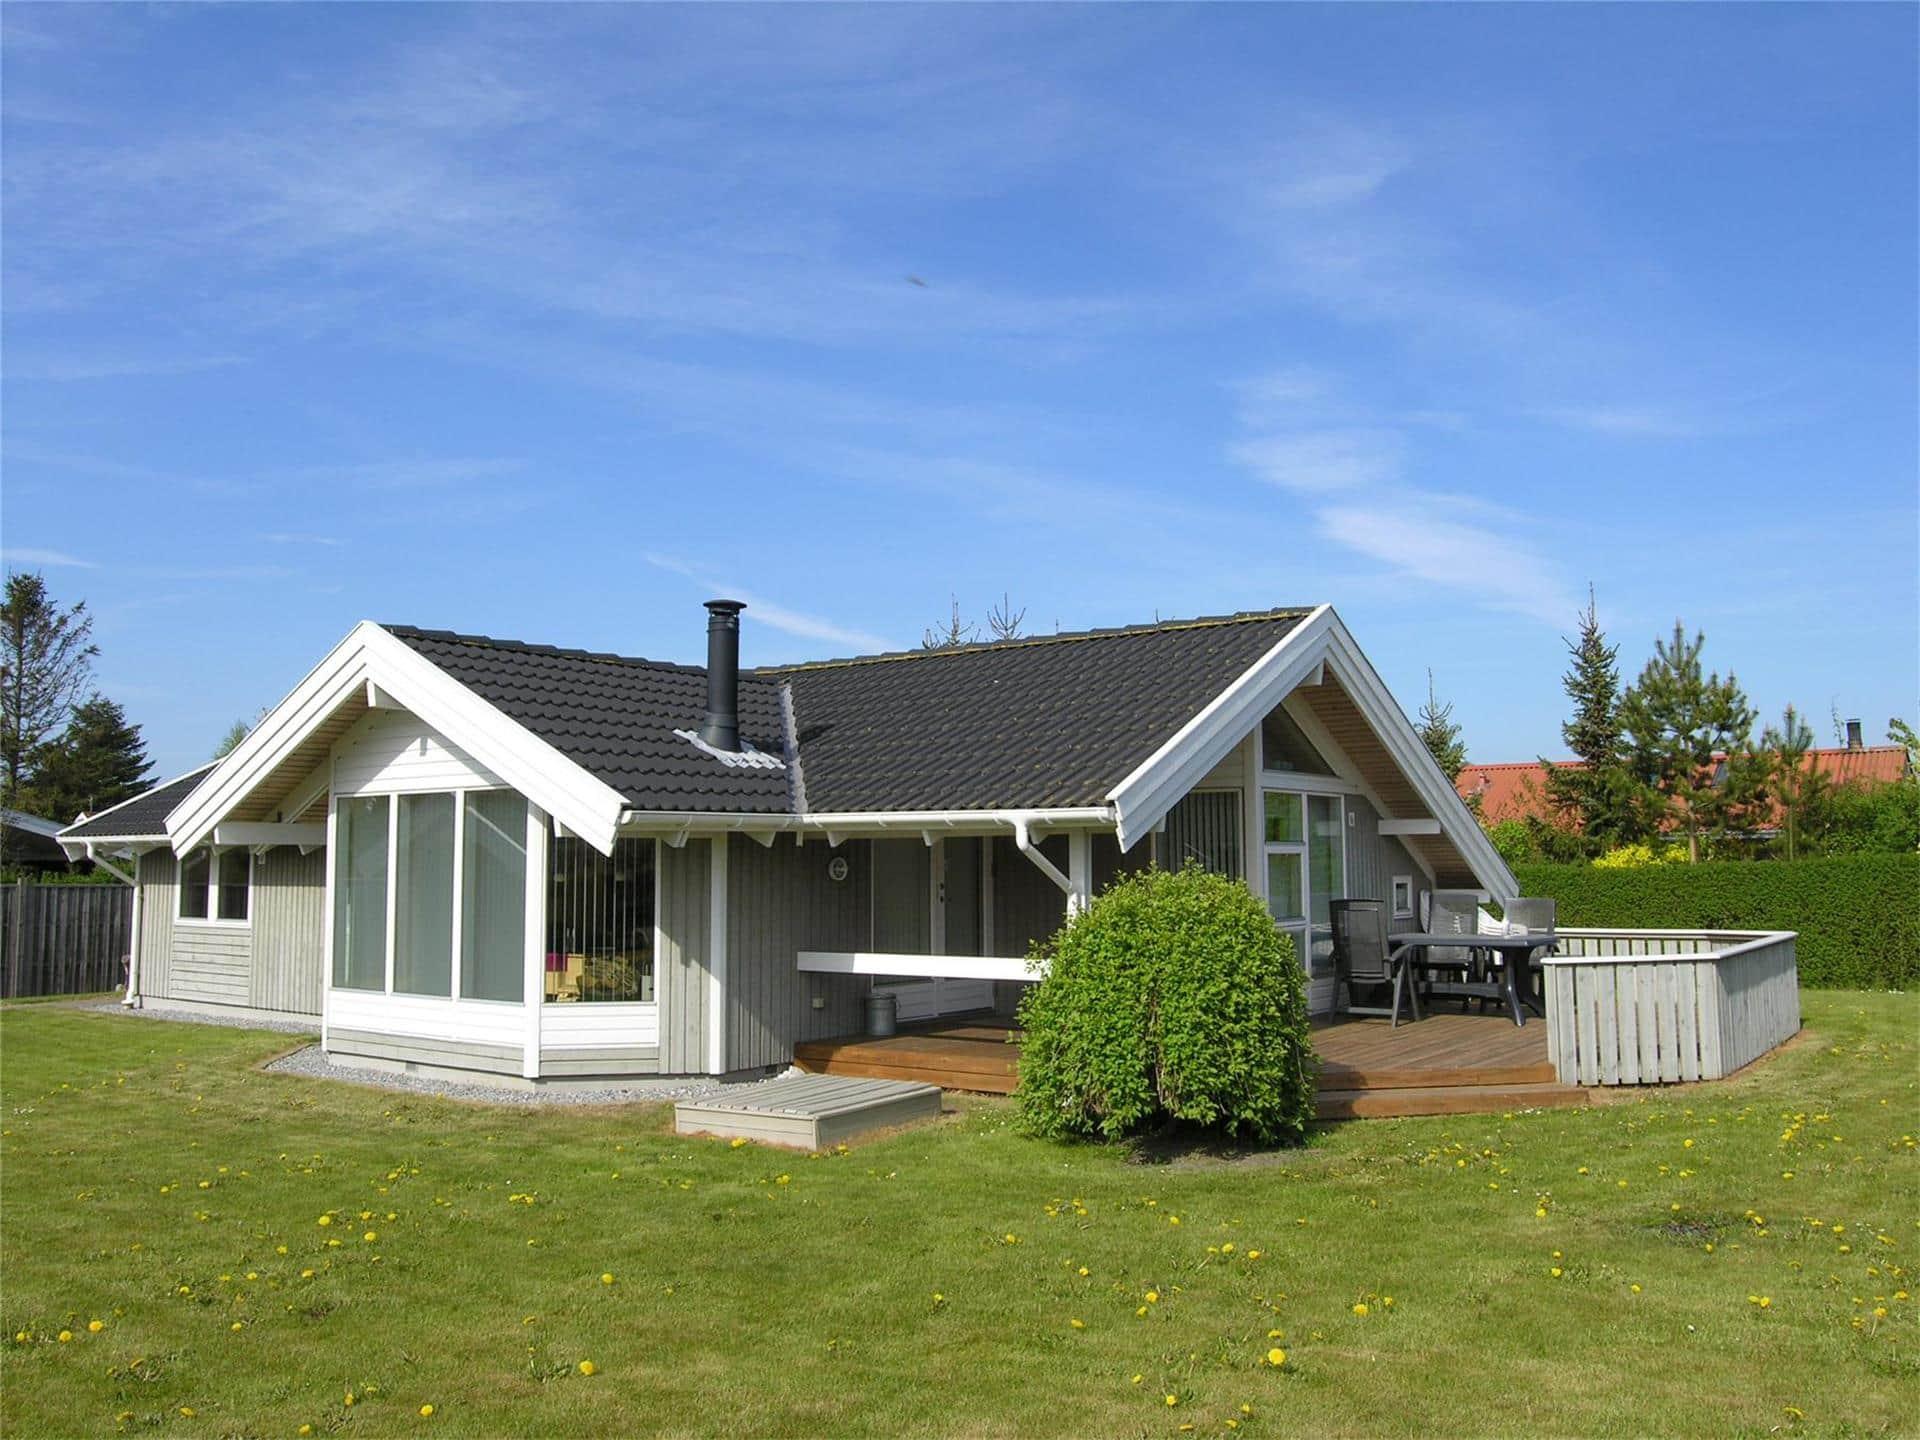 Billede 1-19 Sommerhus 30522, Engagervej 89, DK - 8300 Odder